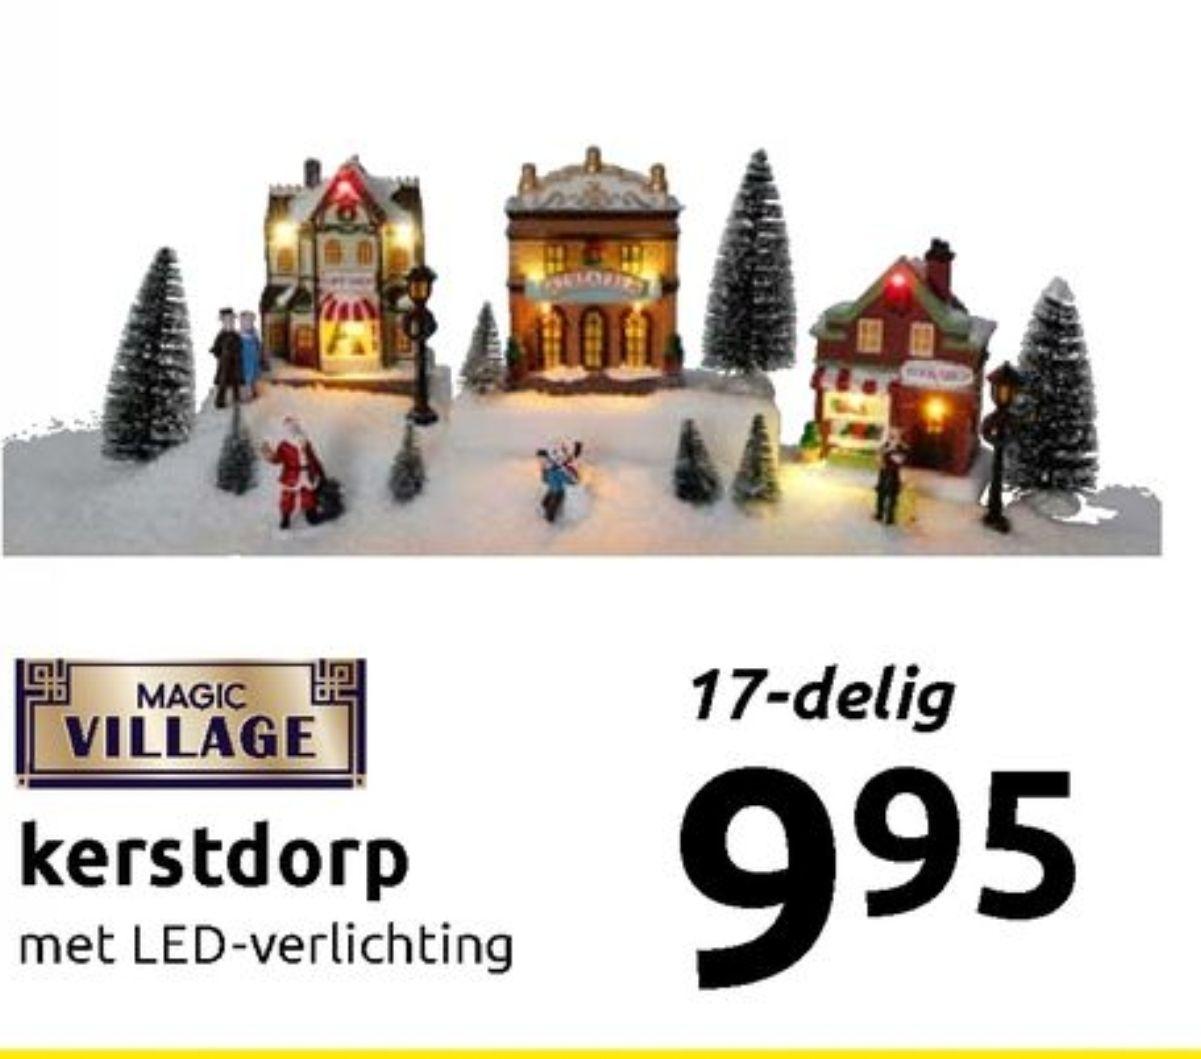 Kerstdorp met led verlichting (action)